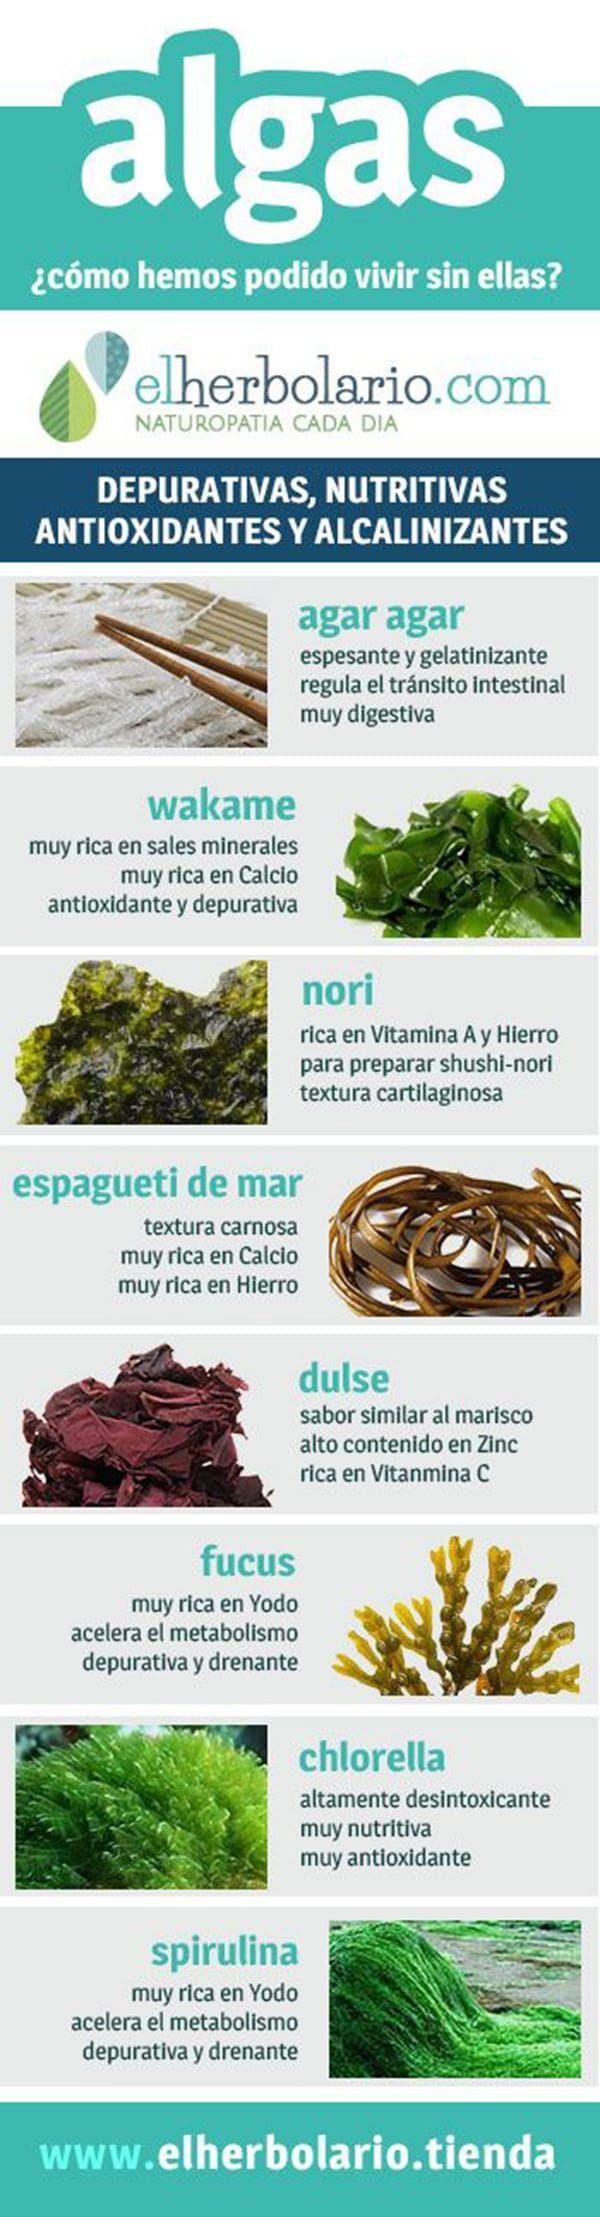 Los diferentes tipos de algas y algunas de sus propiedades y nutrientes más importantes. #algas #infografia #salud #nutricioninfografia